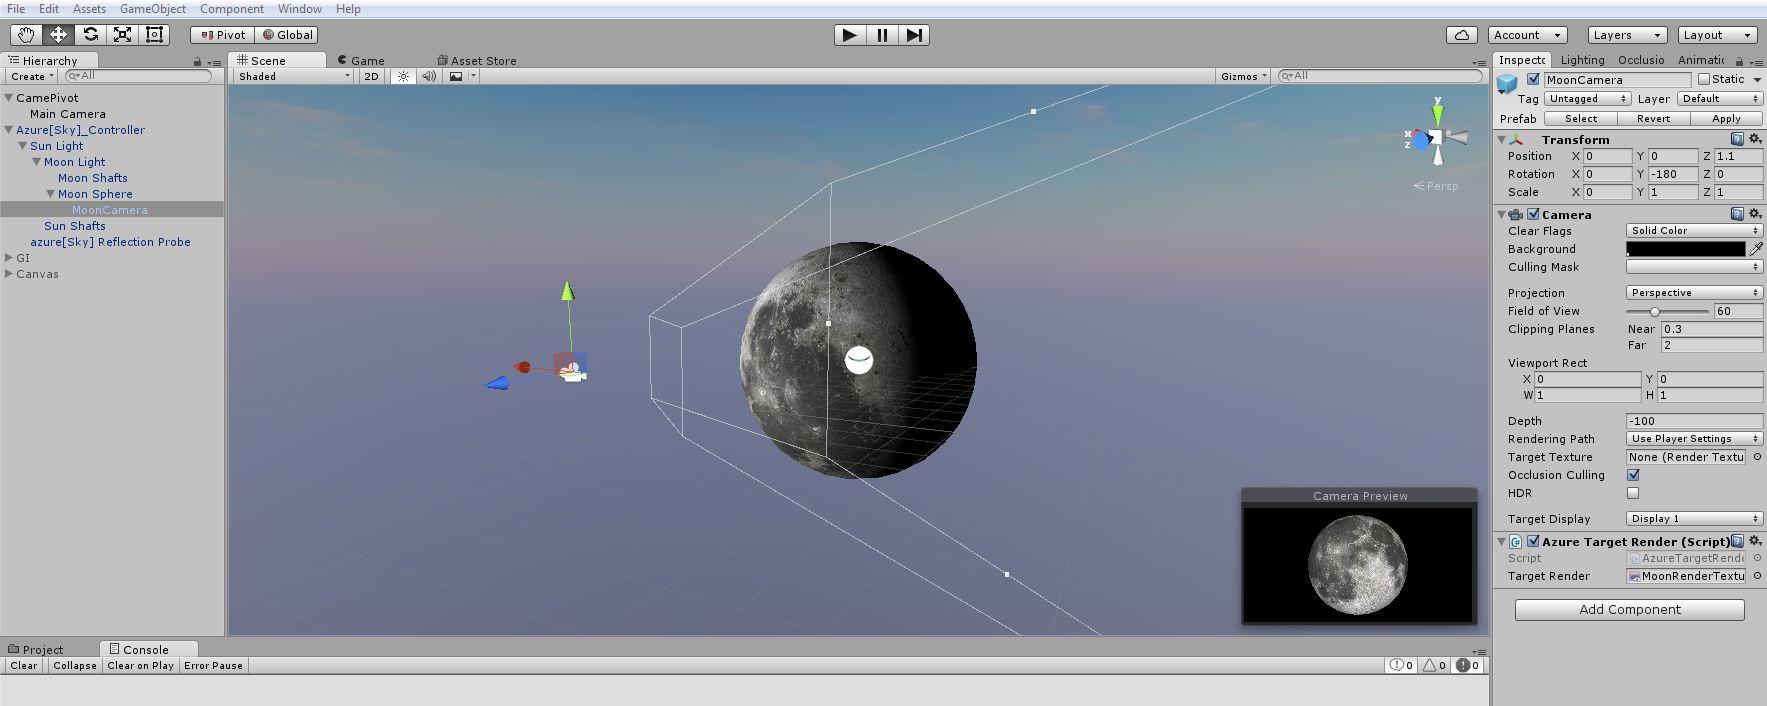 MoonSphereAzure3x.JPG